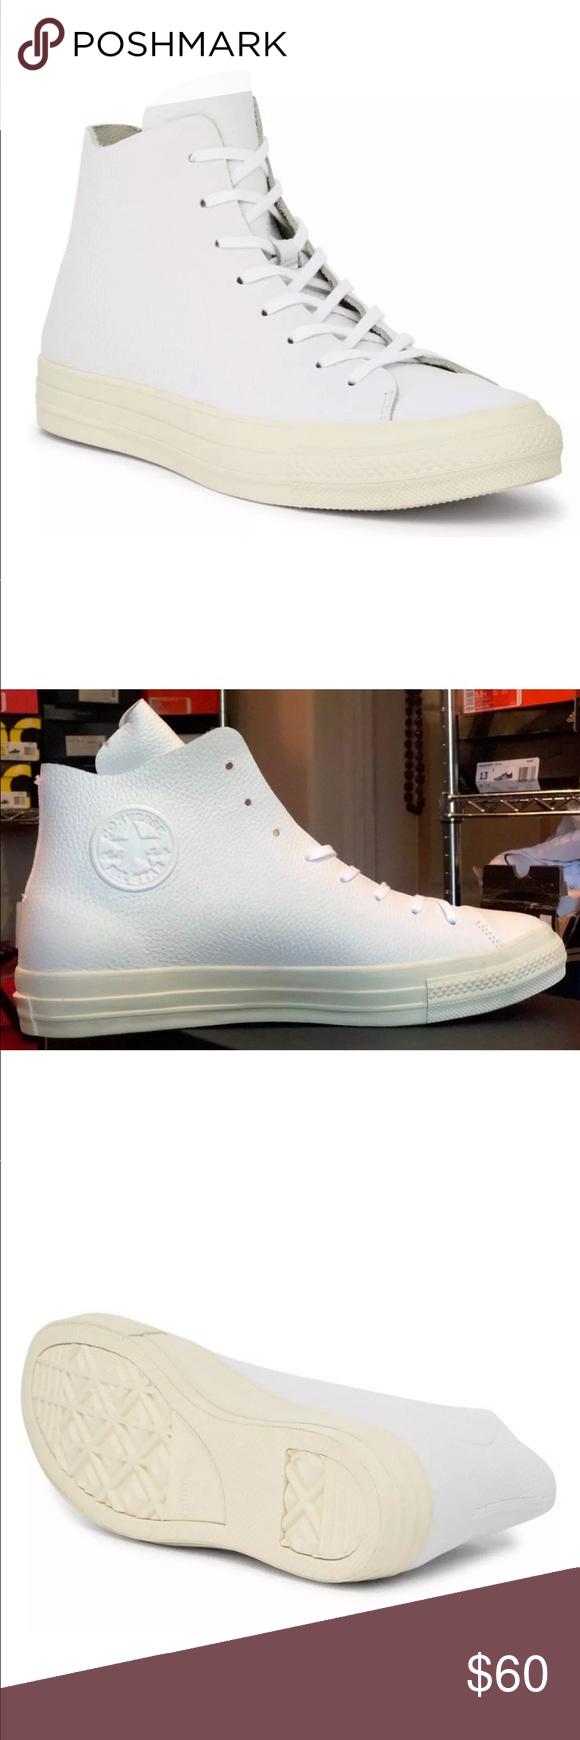 Men s Converse CTAS Prime Hi Top Leather Shoes AUTHENTIC CONVERSE CTAS PRIME  HI TOP SNEAKERS MEN S 35f1e2f64